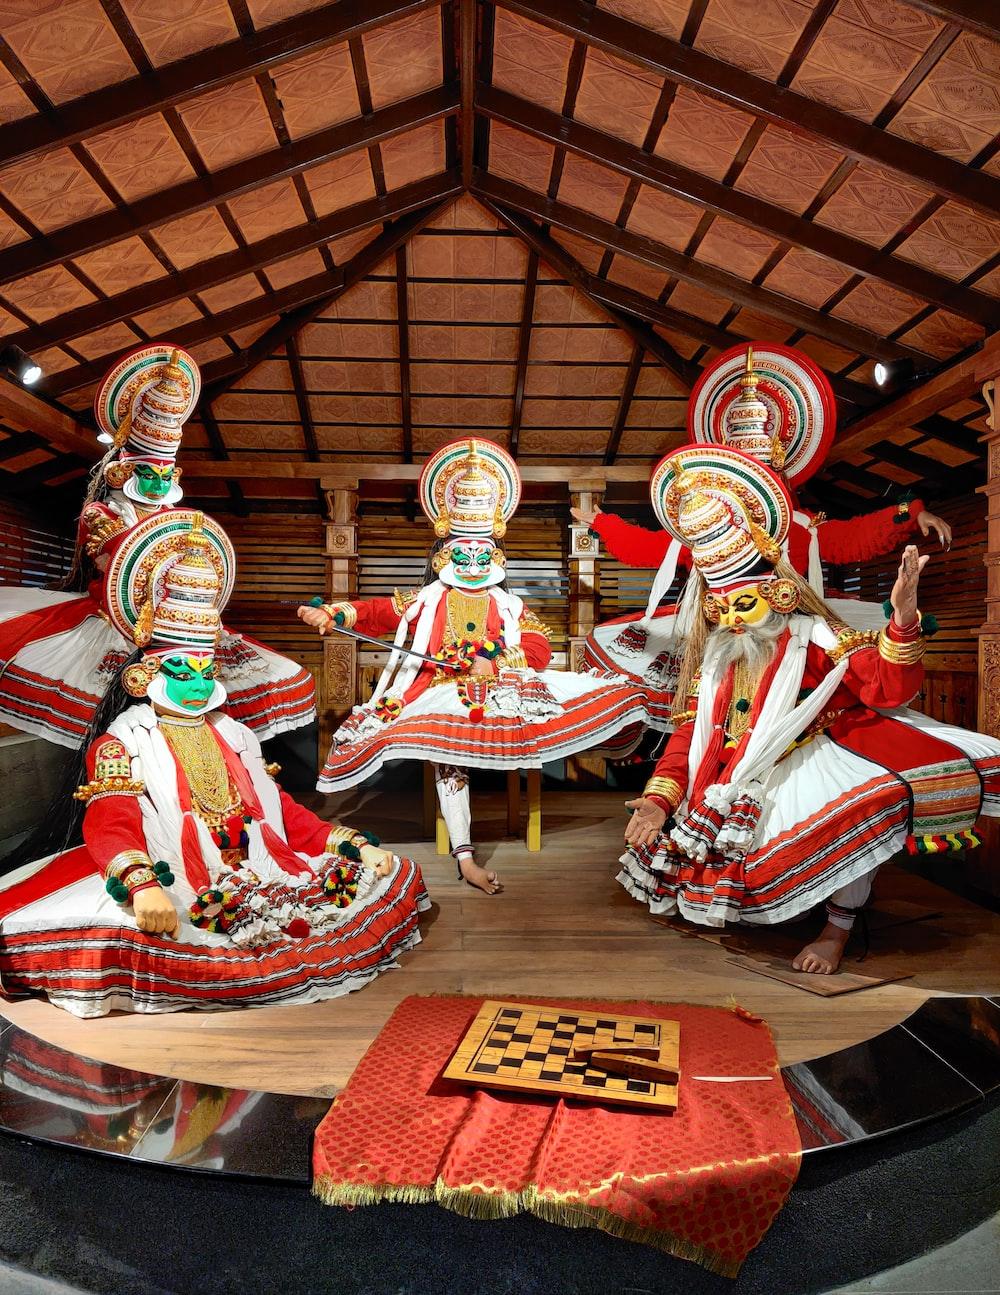 hindu deity figurine on red table